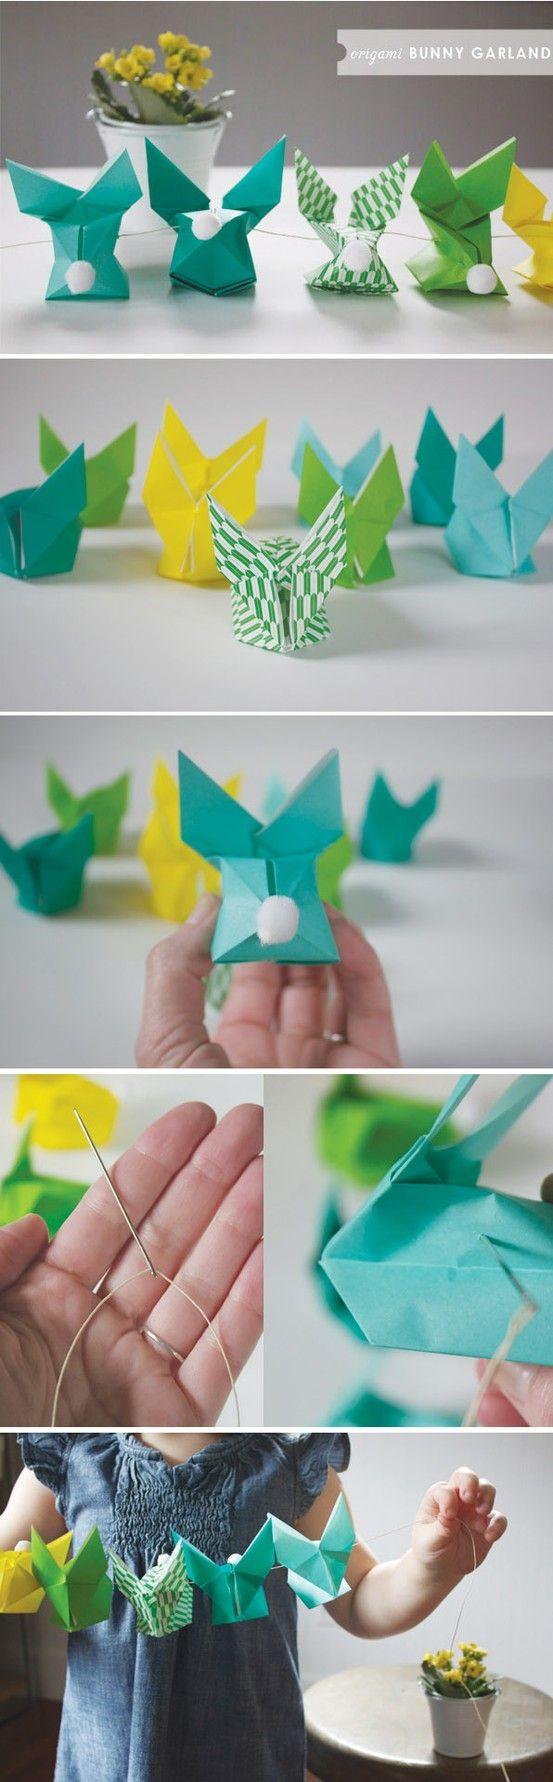 Une collection de petits lapins de Pâques en papier #Origami  #easter #decoration #diy#decopaques  #easterdiy #easterDIY #Paques #paquesbricolage #tabledefete #decodetable #diypaques #œuf #œufdepaques